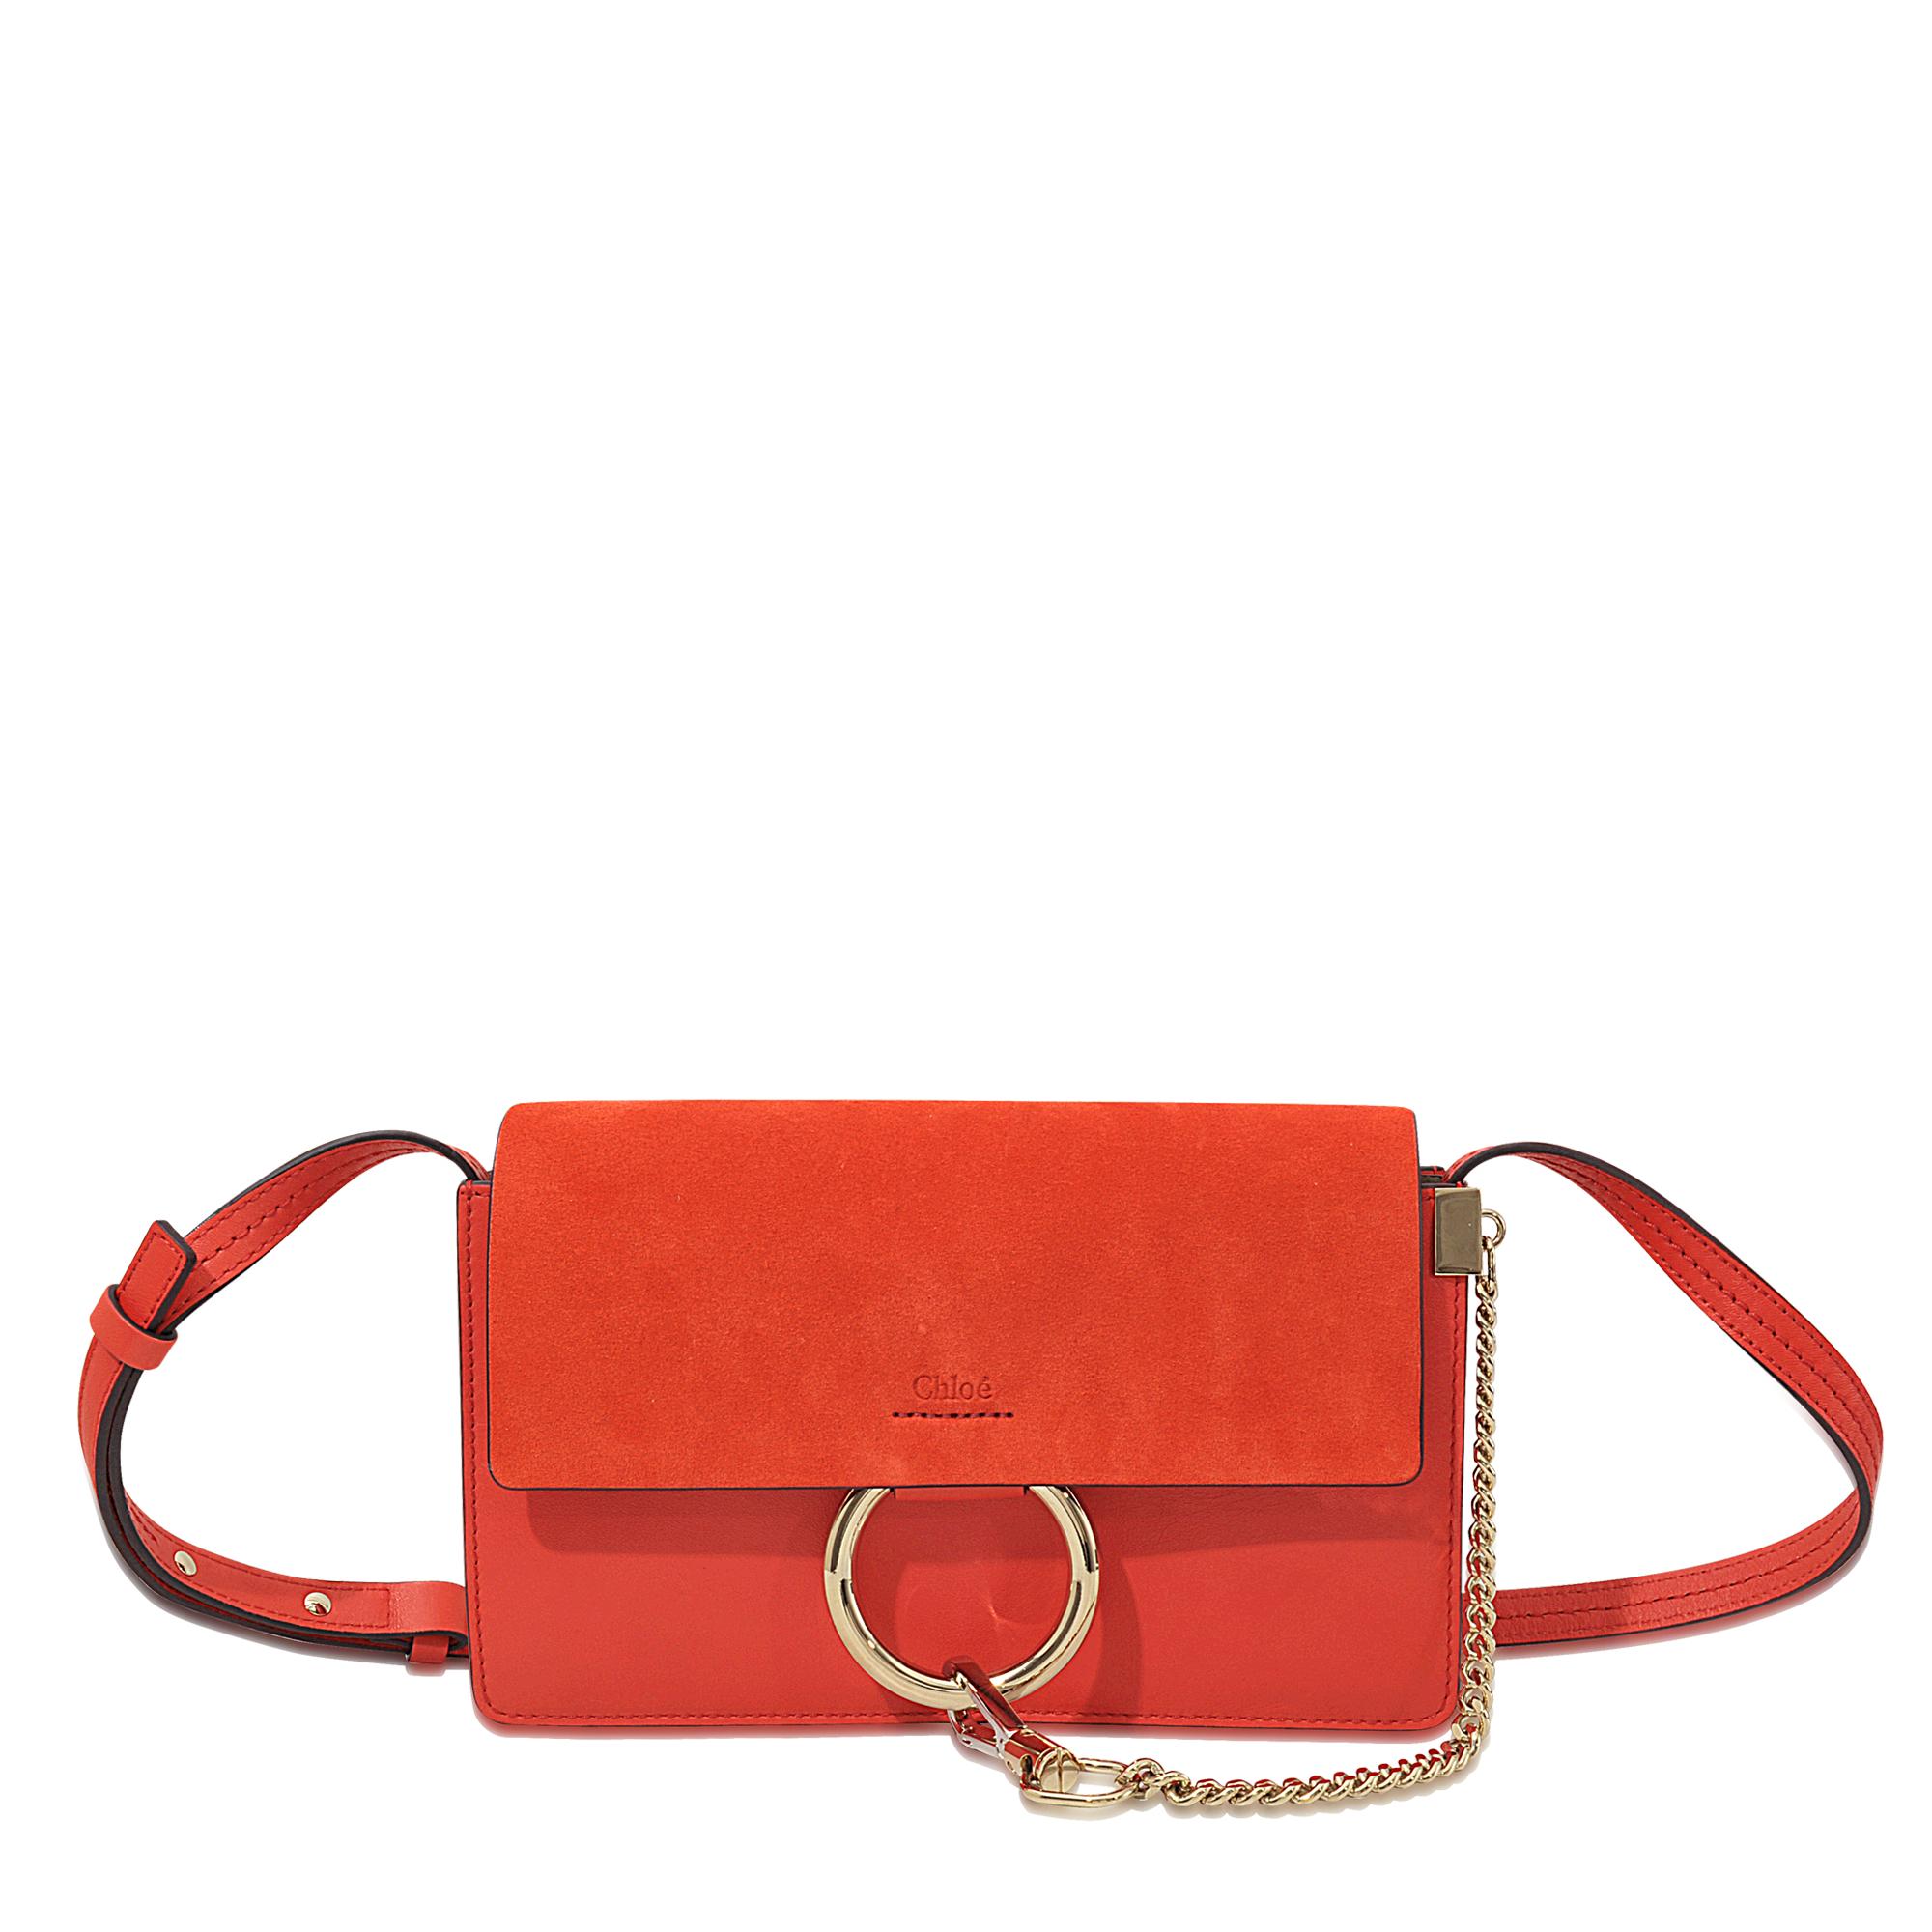 chloe hand bag - chloe faye medium clutch with strap bag, shop chloe online